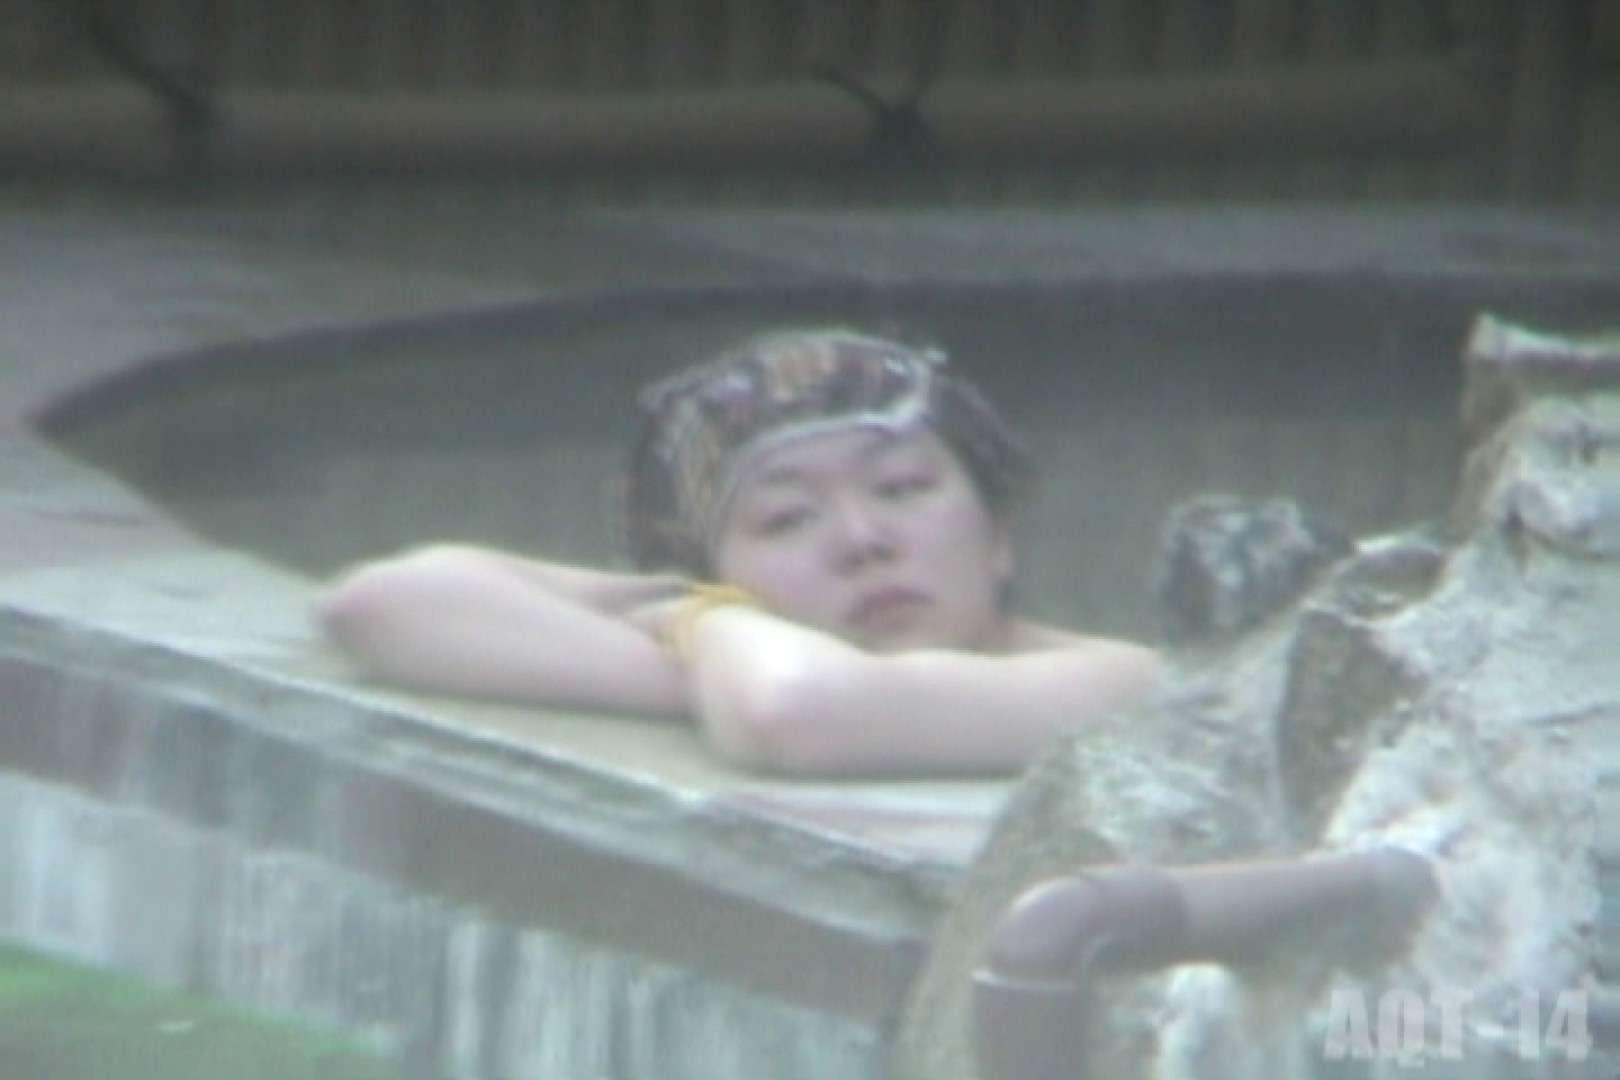 Aquaな露天風呂Vol.830 OLのエロ生活   盗撮  34連発 1